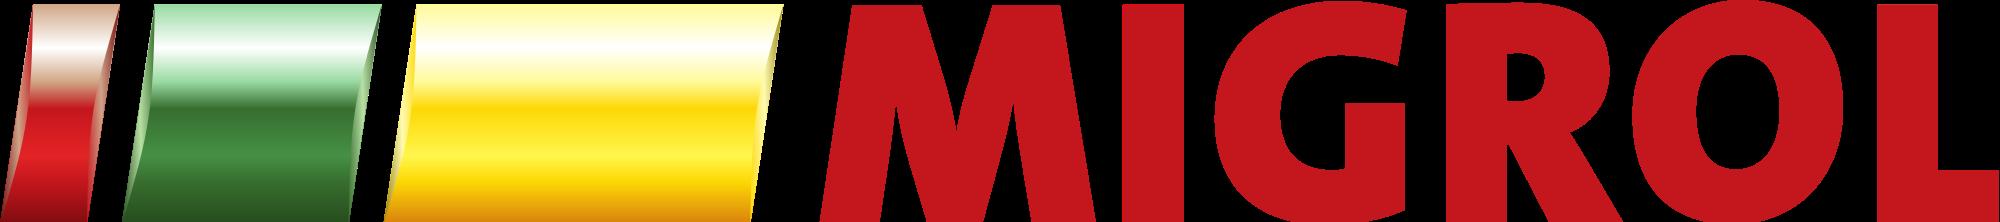 migrol-logo